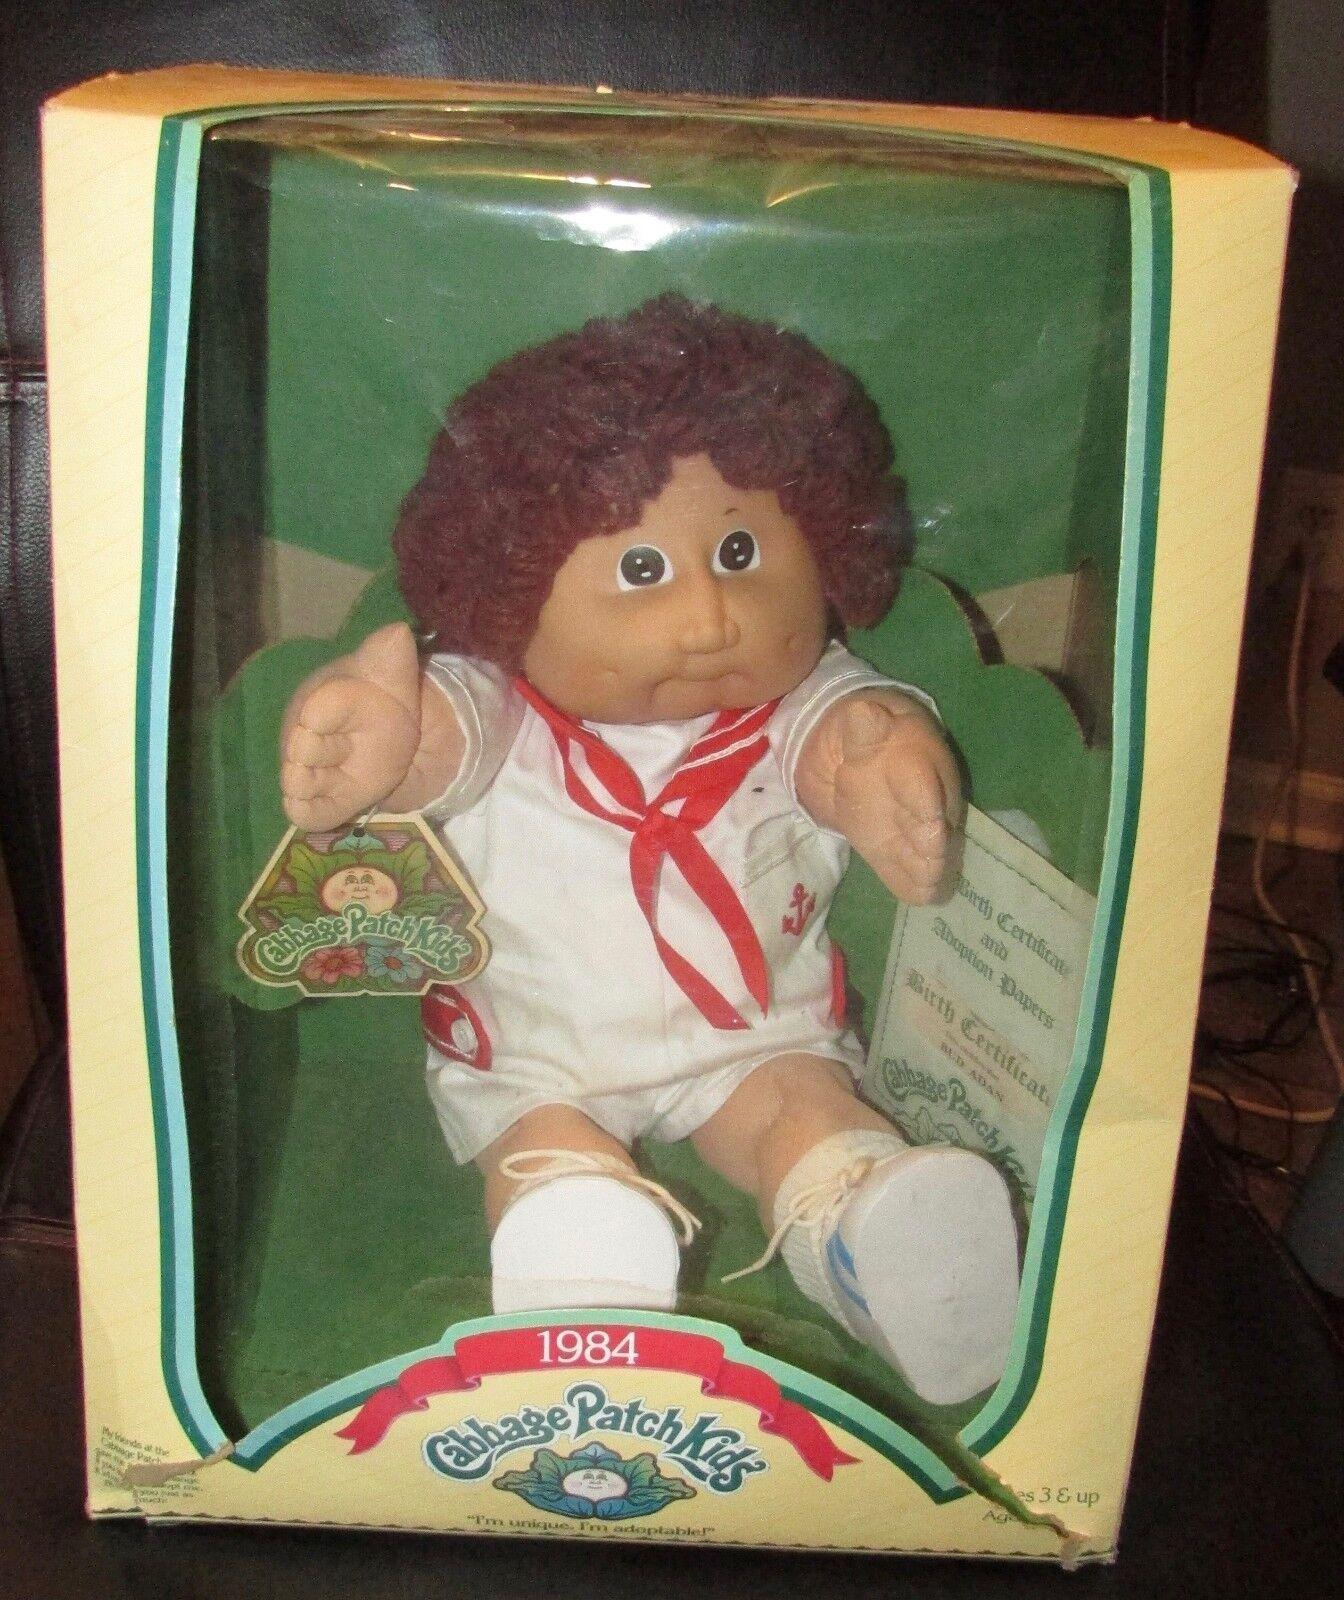 1984 Cabbage Patch Kid Bud Adán Nuevo en caja con papeles